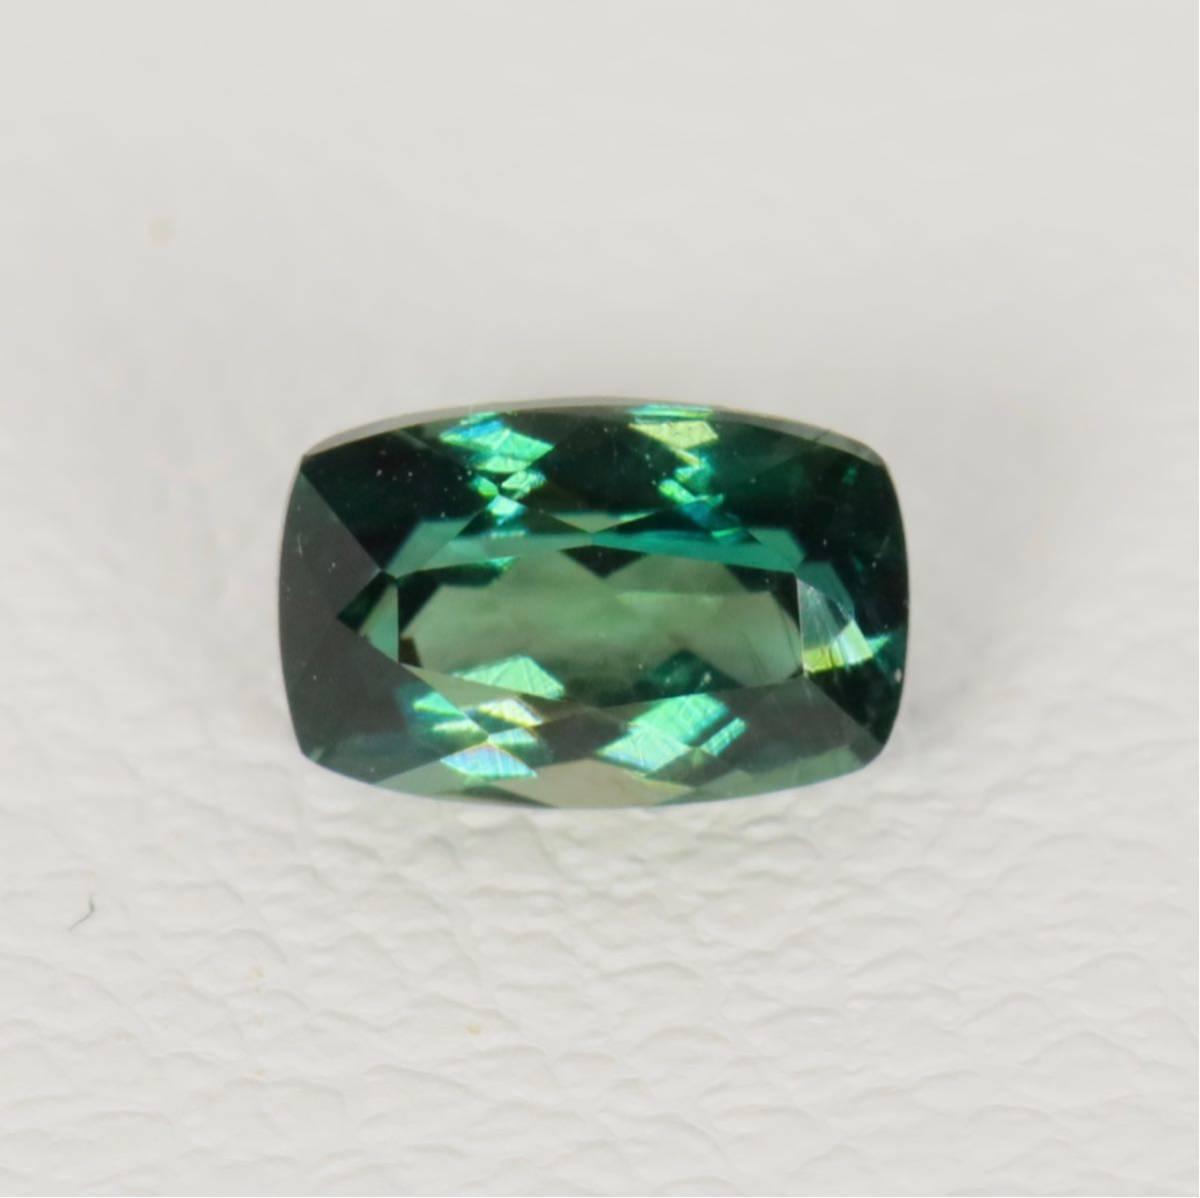 高品質『天然グランディディエライト』0.34ct マダガスカル産 ルース 宝石 コレクター必見 超稀少な深緑 レアストーン